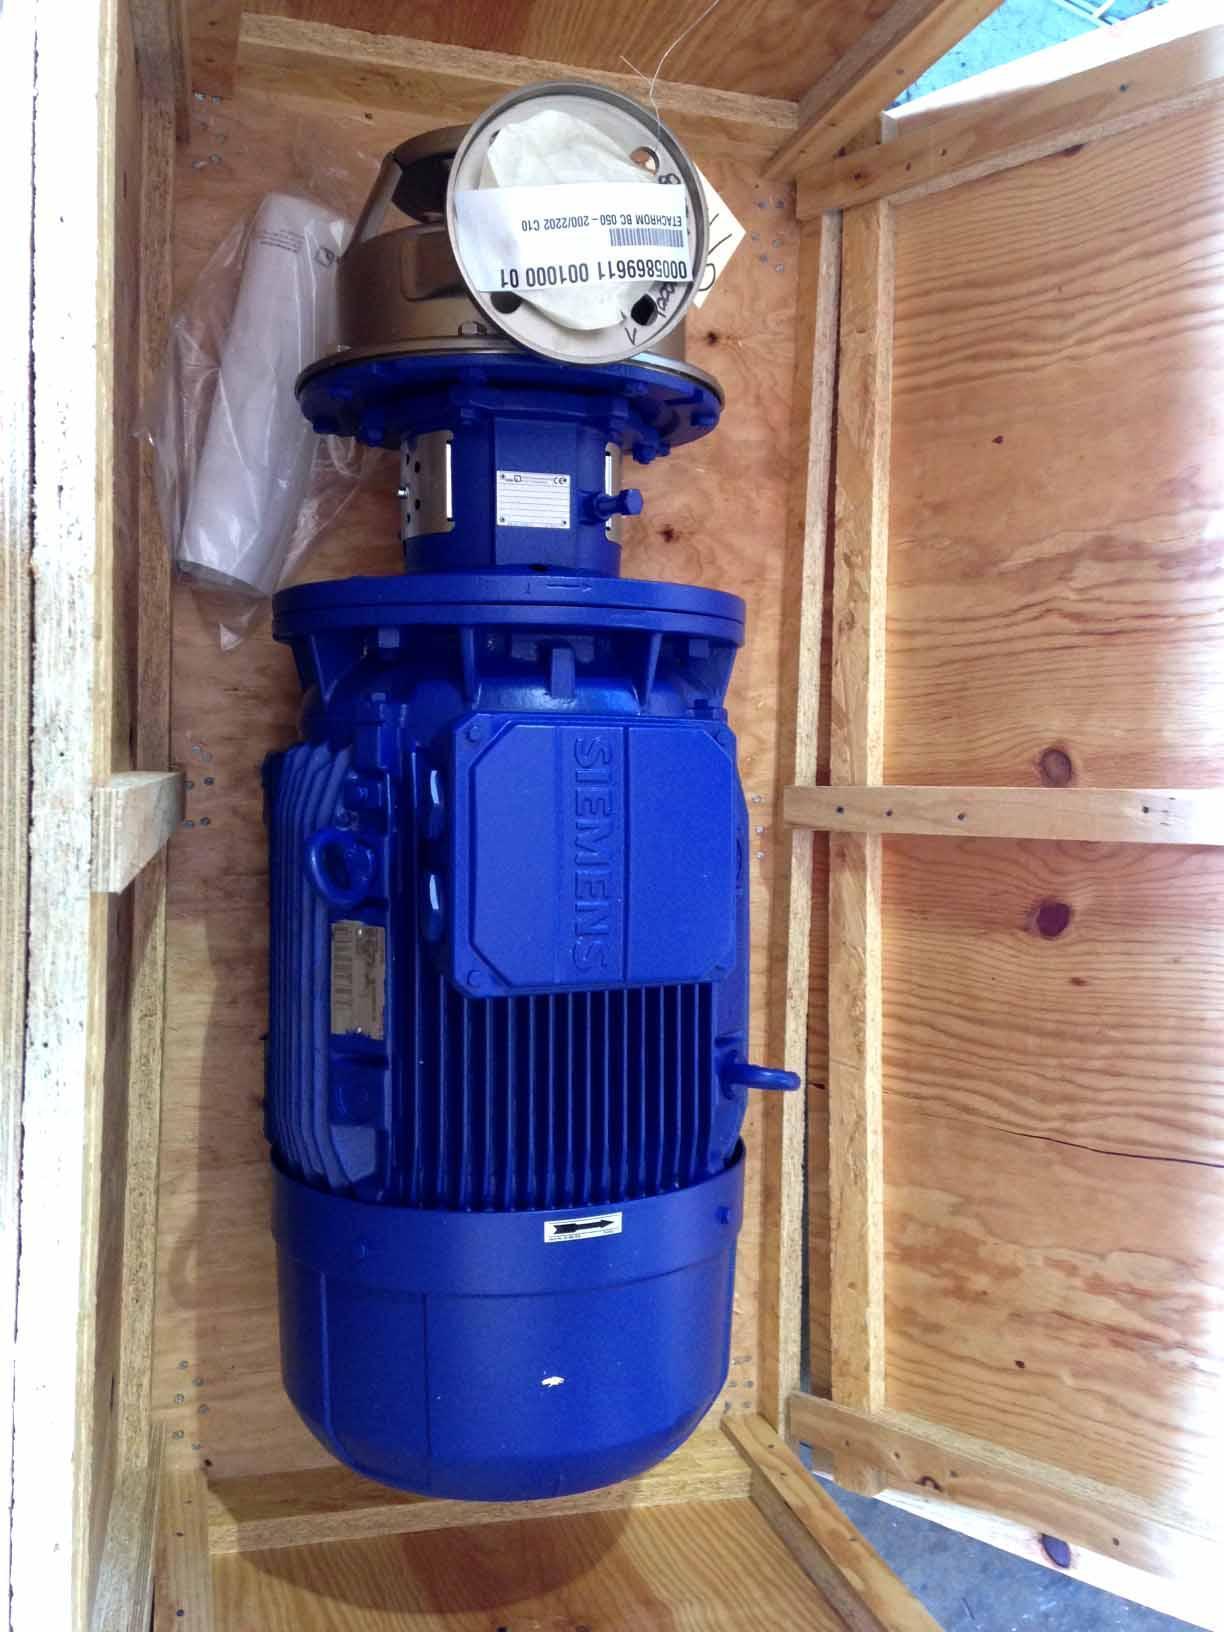 KSB Etachrom BC 050 - 200/2202 C10 Close-Coupled Pump